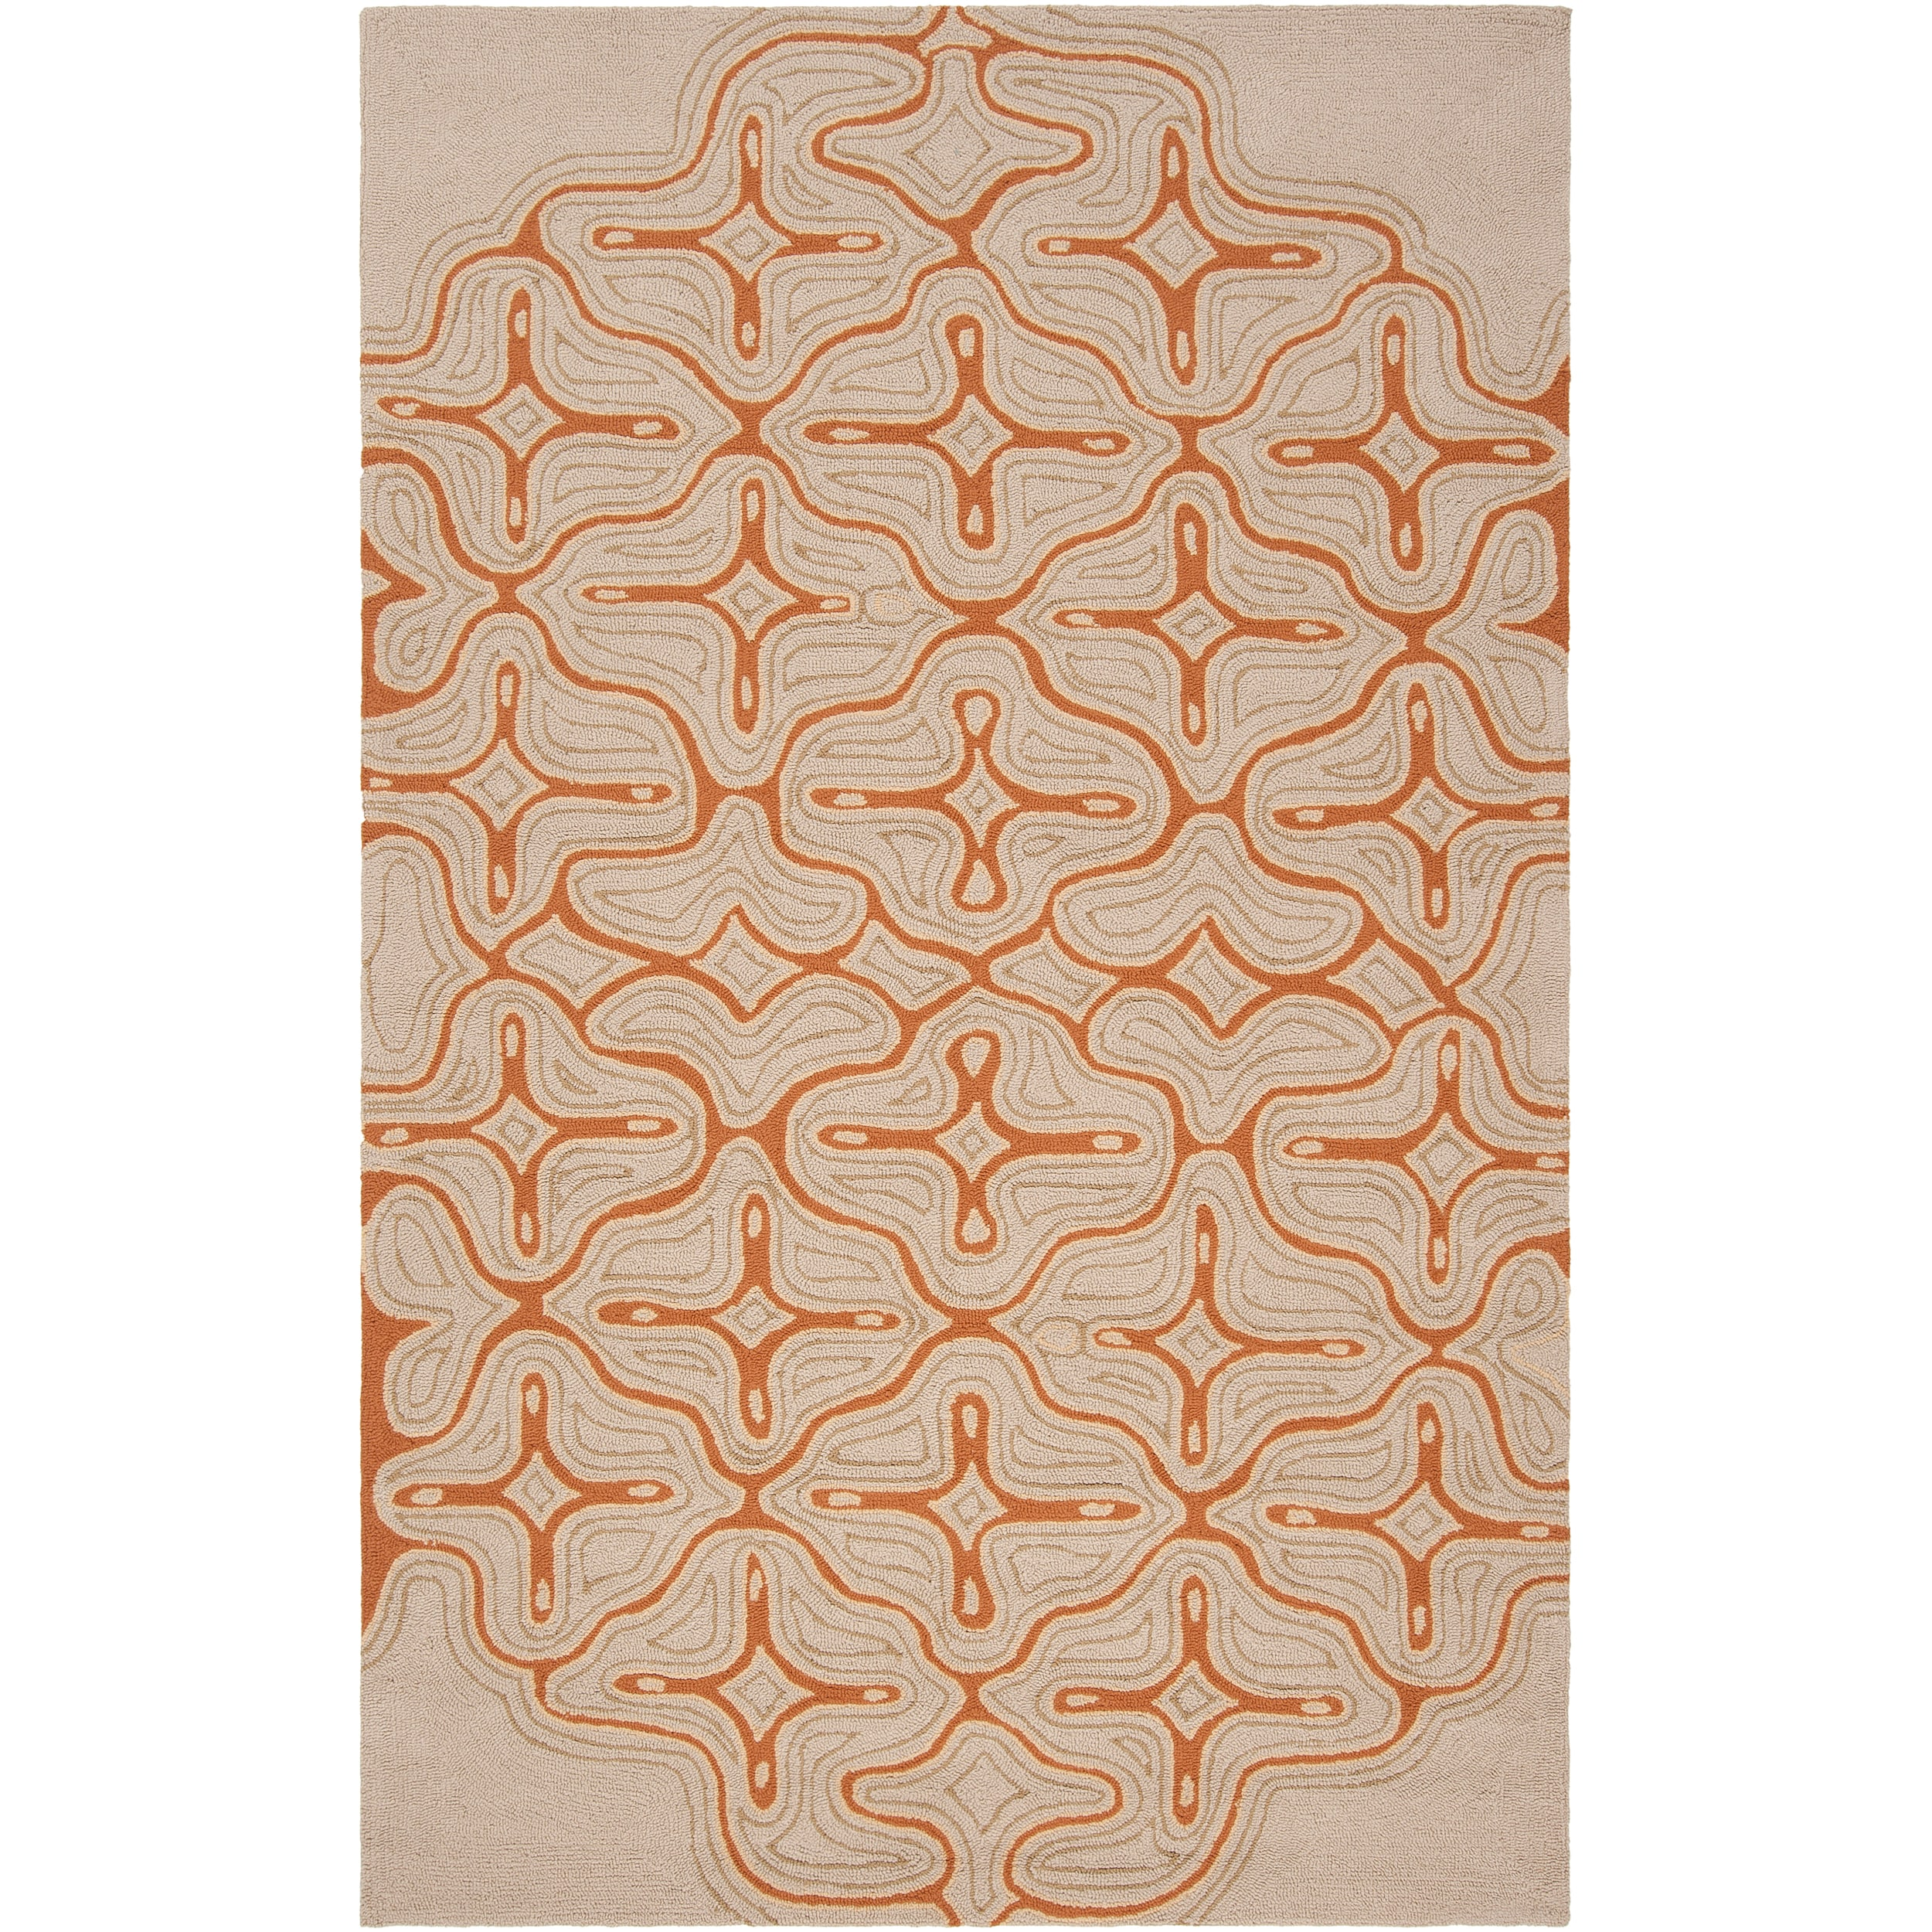 Hand-hooked Beige Yarra Indoor/Outdoor Geometric Rug (5' x 8')